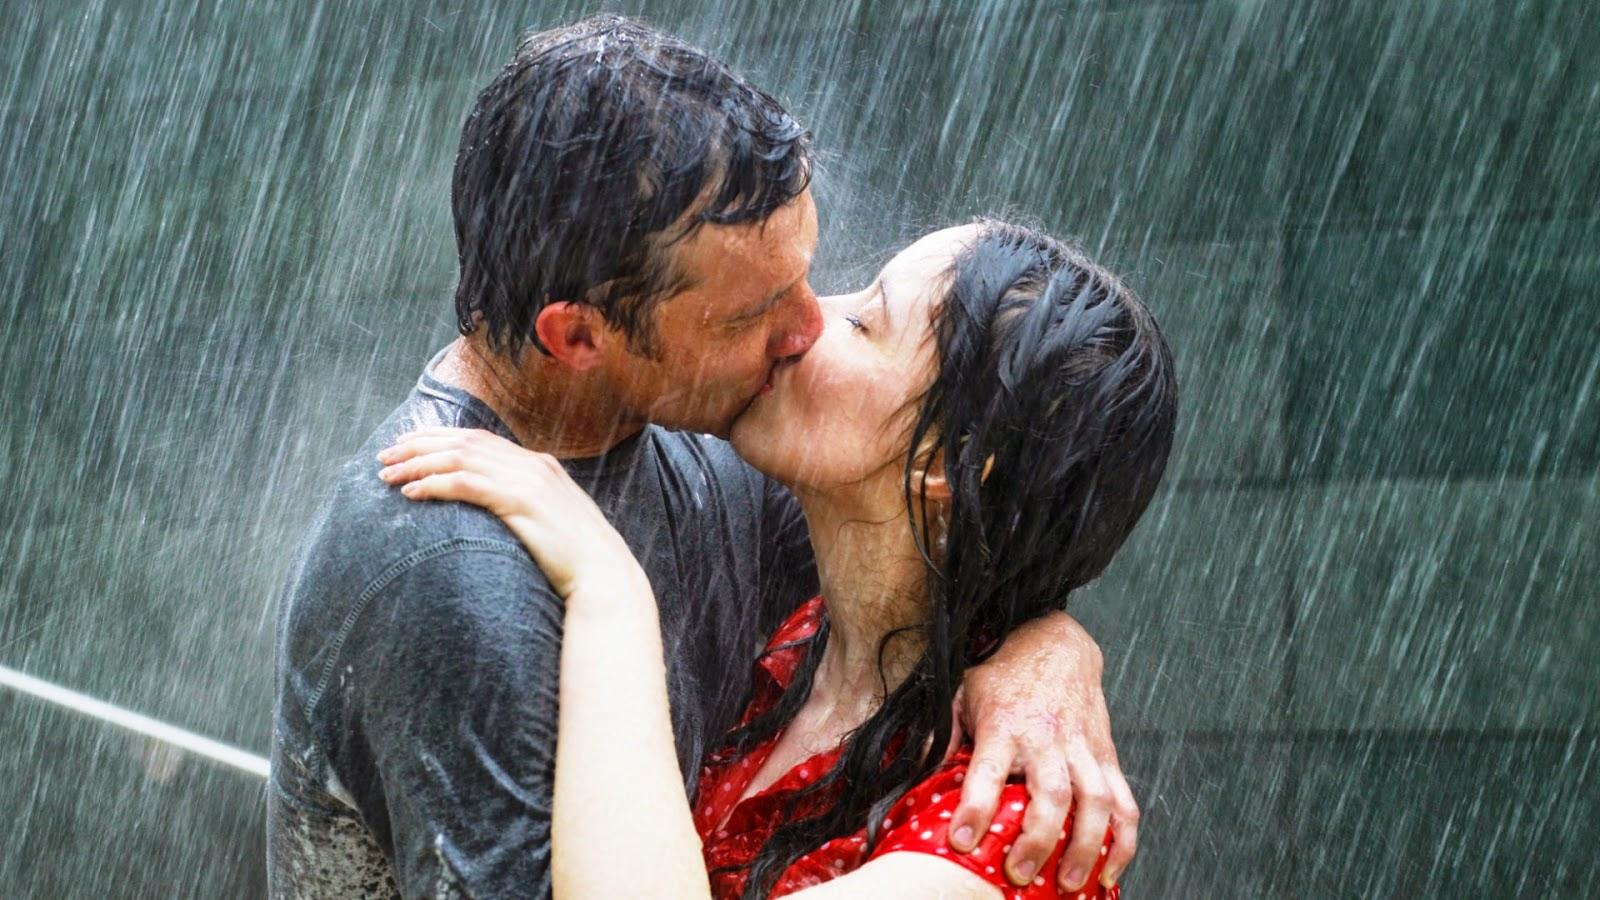 Làm thế nào để tình nhân có một nụ hôn đẹp?